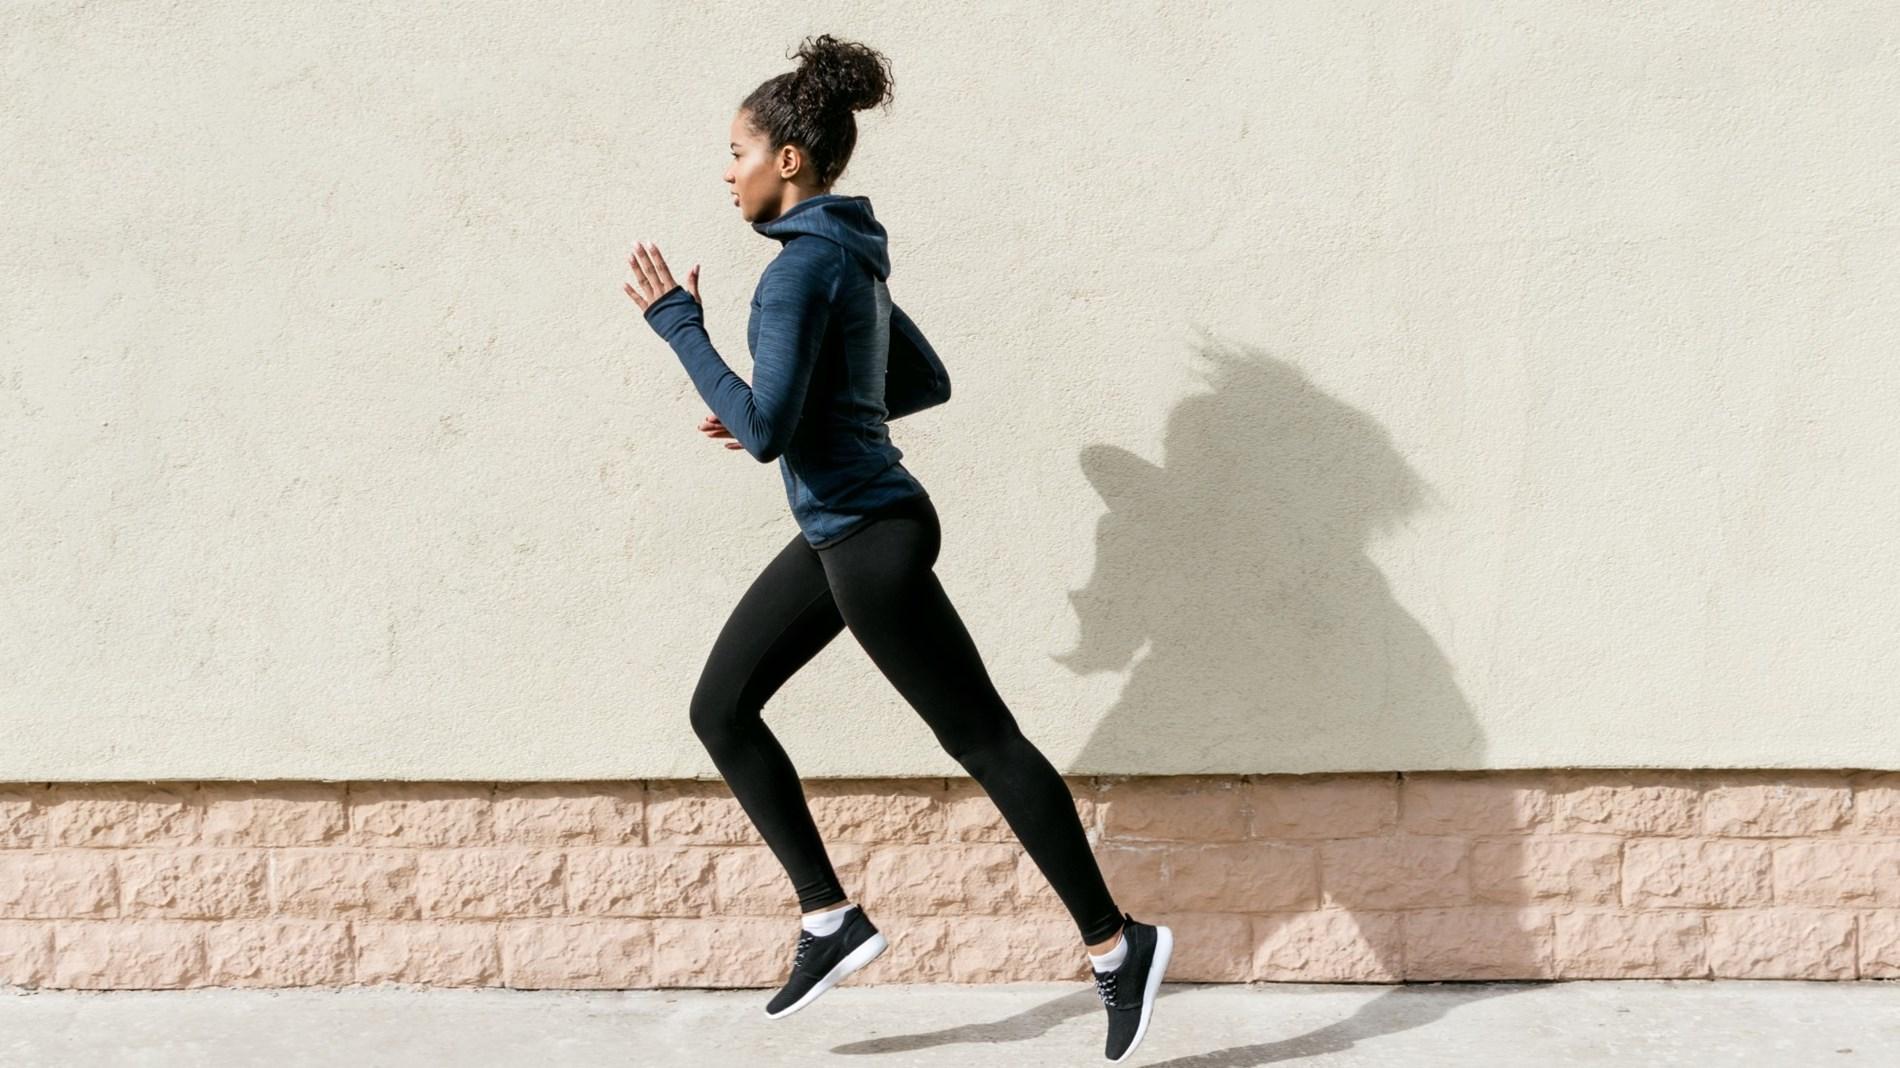 علامات تخبركِ بضرورة التوقف عن ممارسة التمارين الرياضية